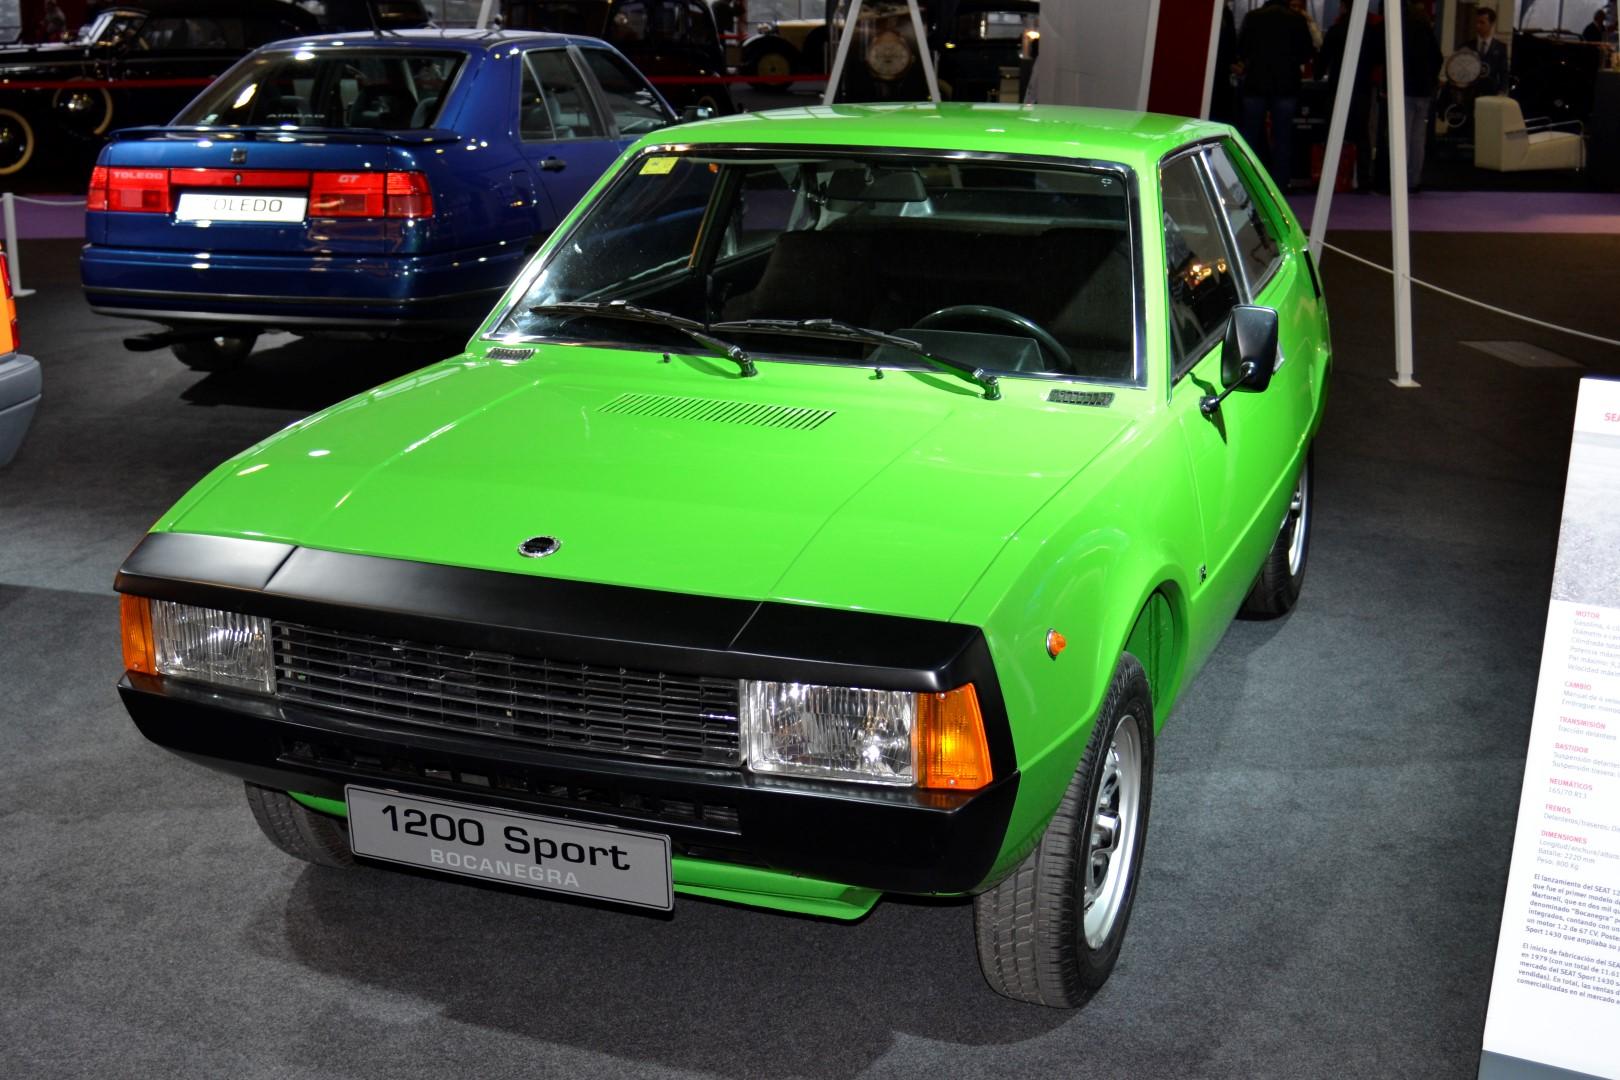 ClassicAuto2016 - SEAT 1200 Sport Bocanegra